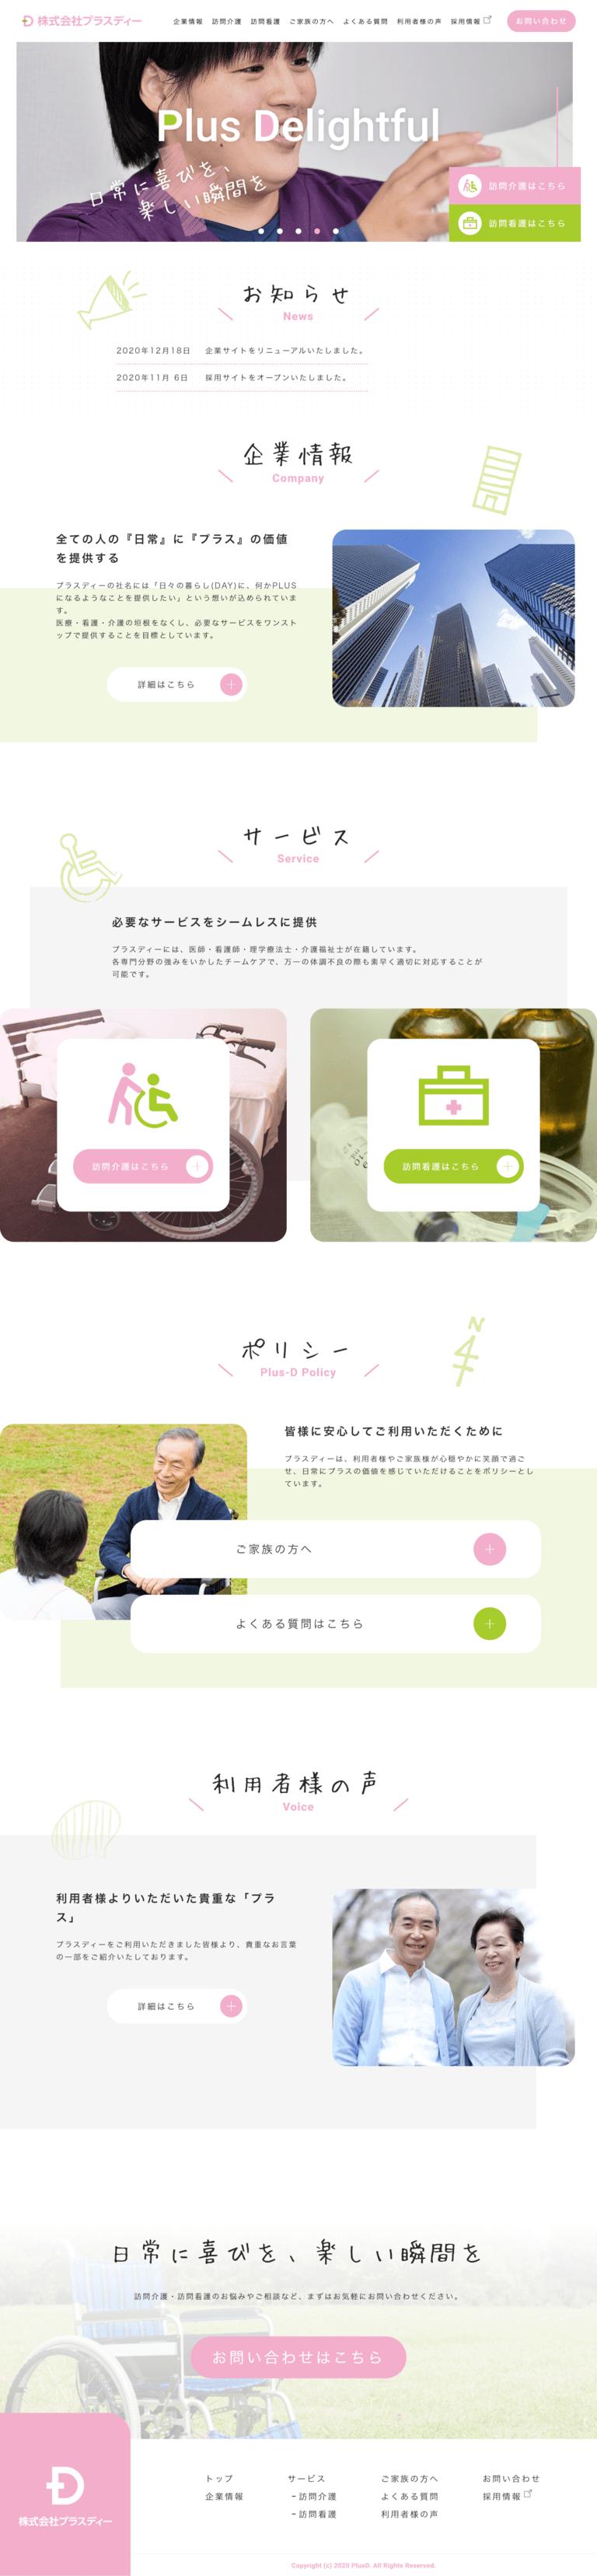 ㈱プラスディー様 企業サイト